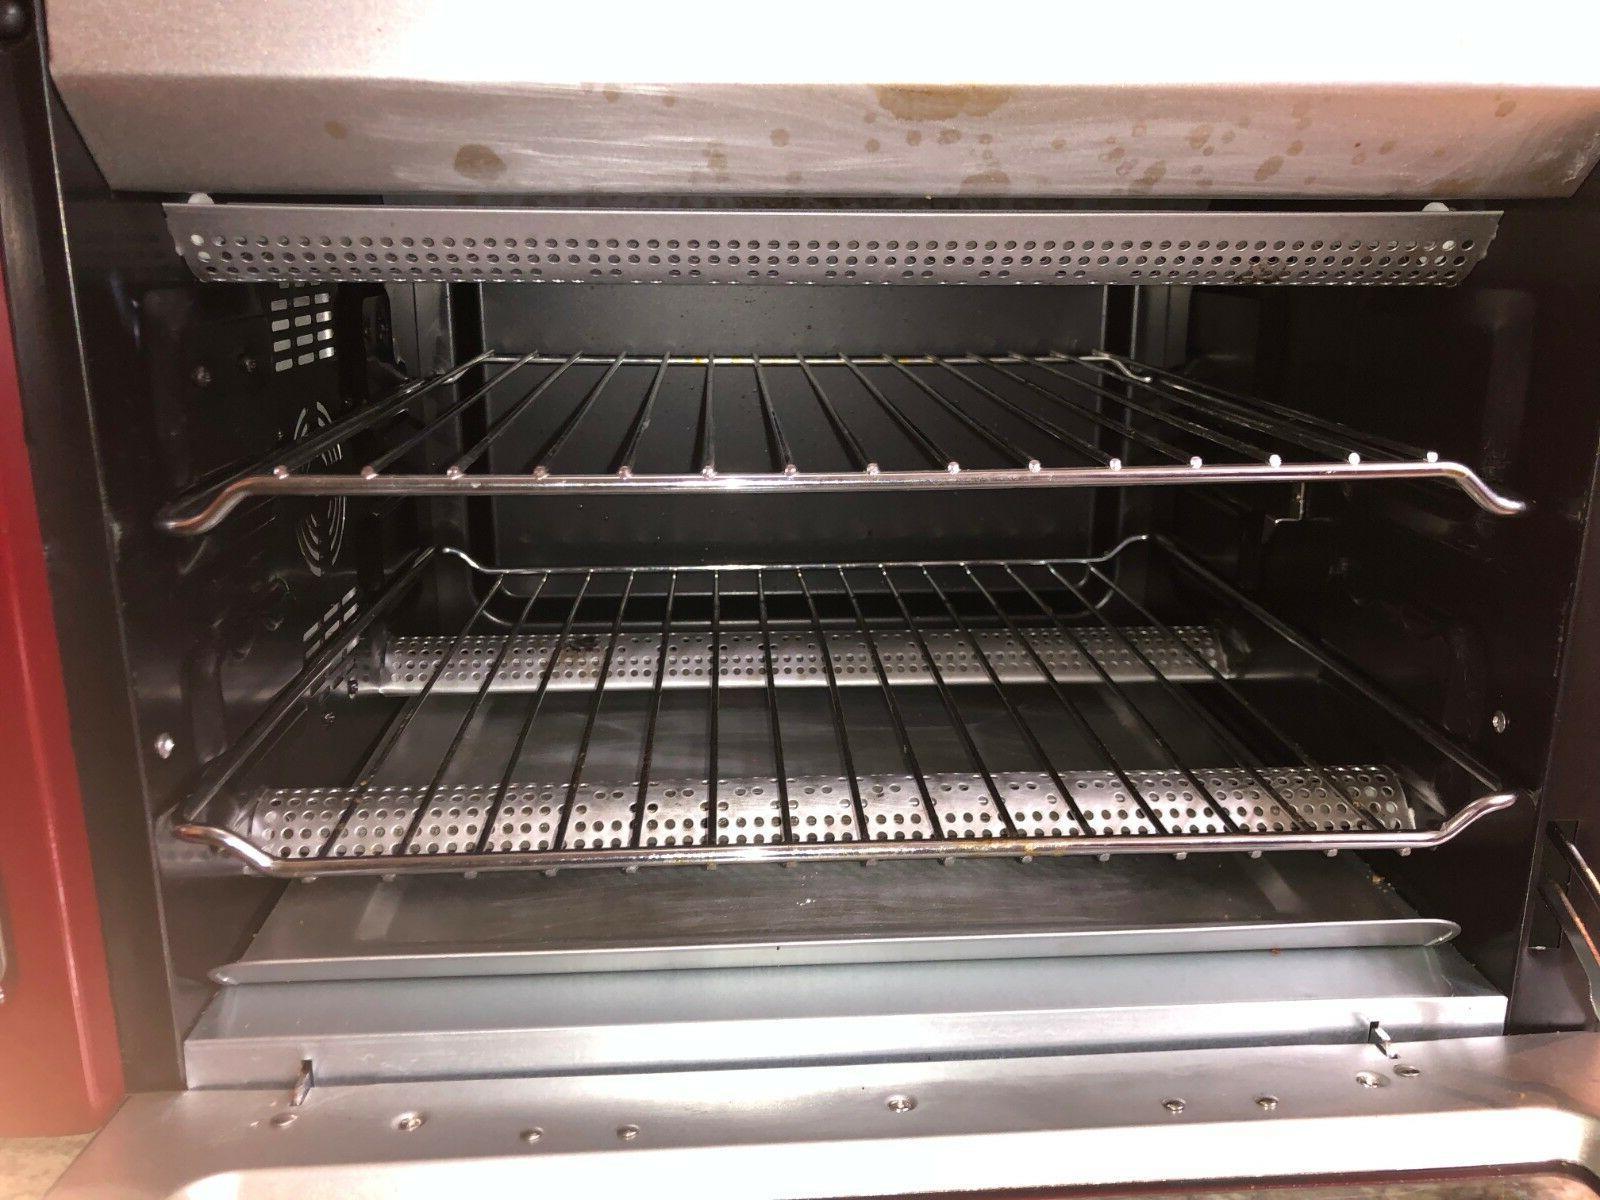 Red KitchenAid Toaster Oven